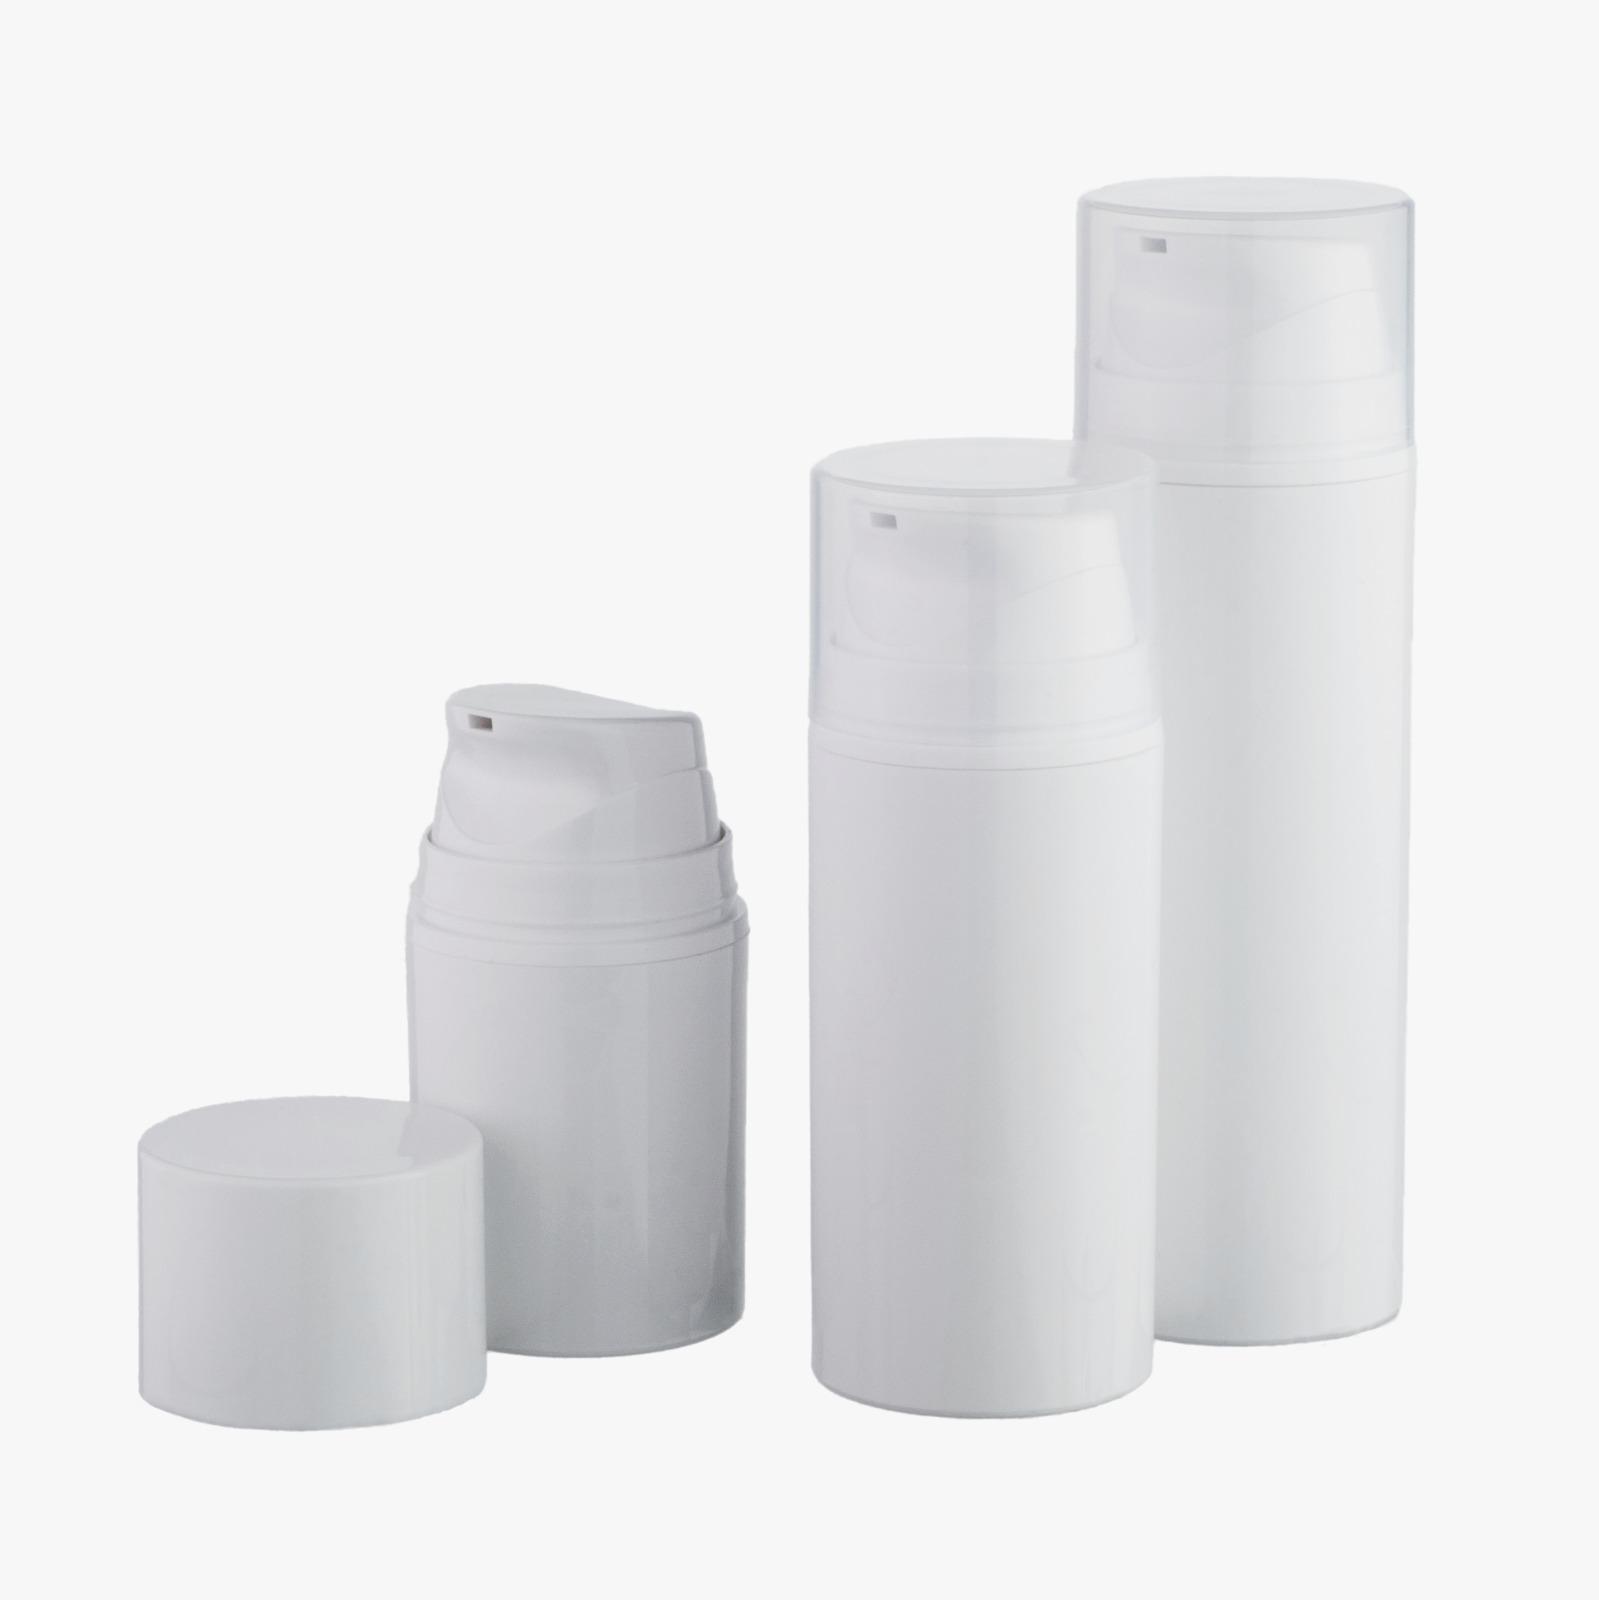 Na zalogi: airless plastenke z razpršilkami 50 ml, različnih oblik in barv